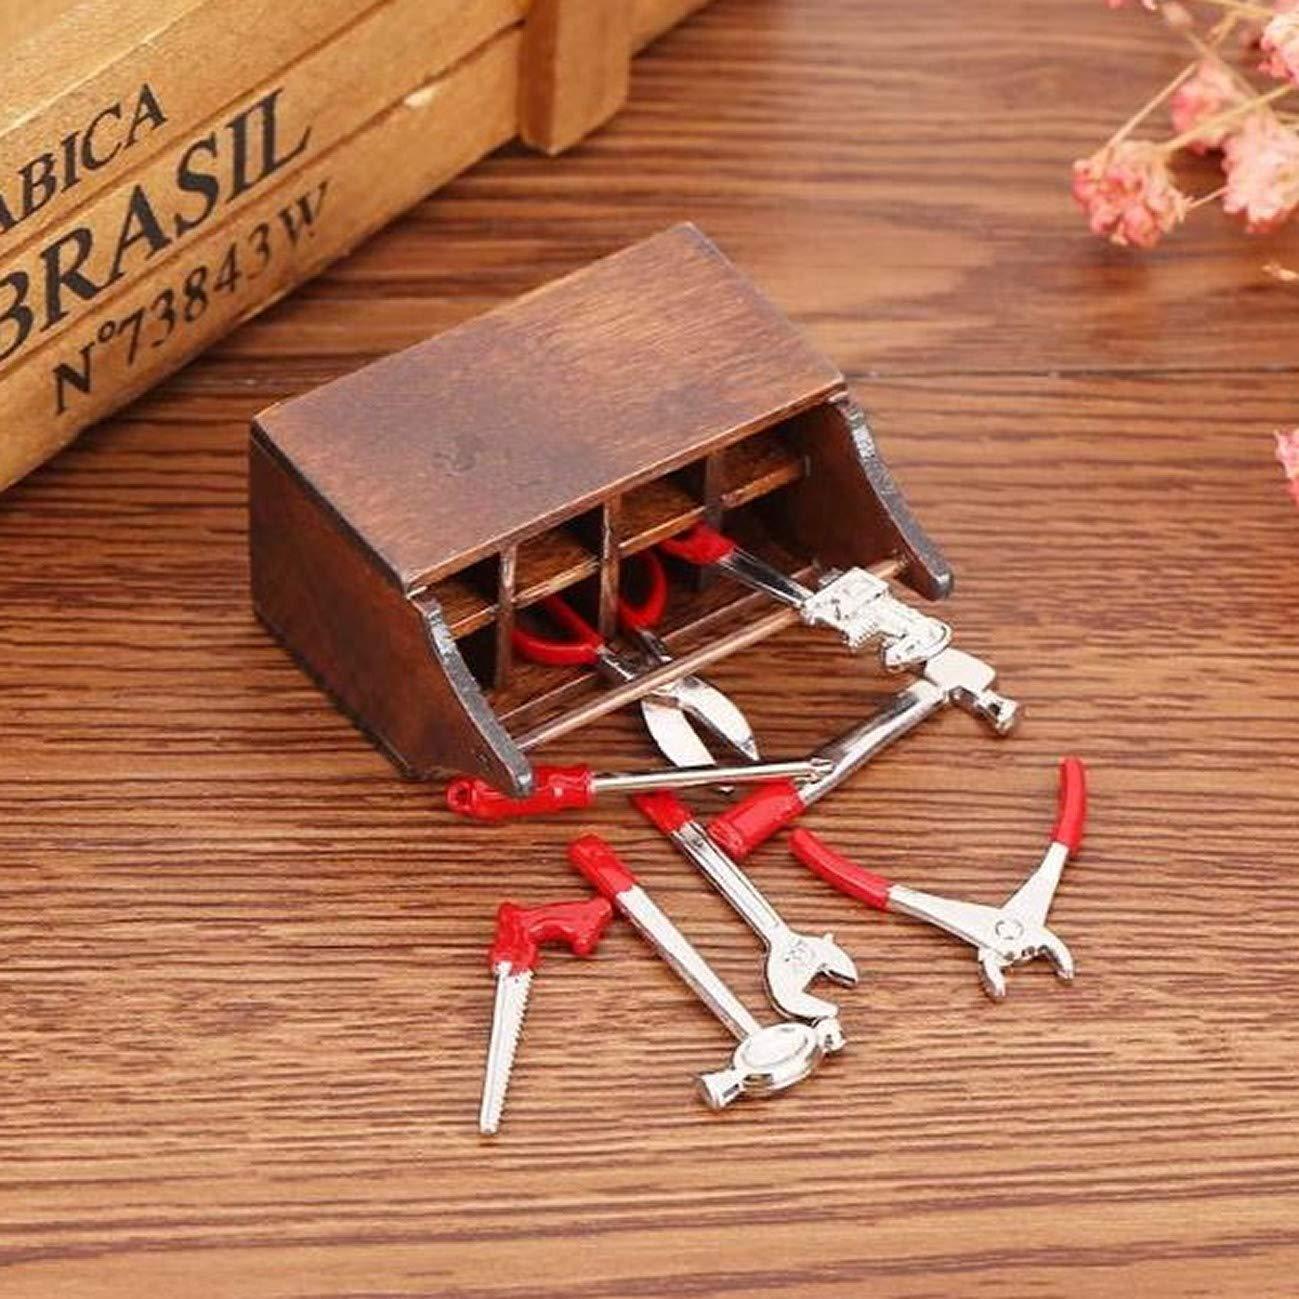 ARUNDEL SERVICES EU Caja de Herramientas 1:10 RC Accesorios para miniaturas de orugas Modelo 4x4 Traxxas TRX-4 RC4WD Axial RC Crawler DX SCX10 90046: Amazon.es: Juguetes y juegos